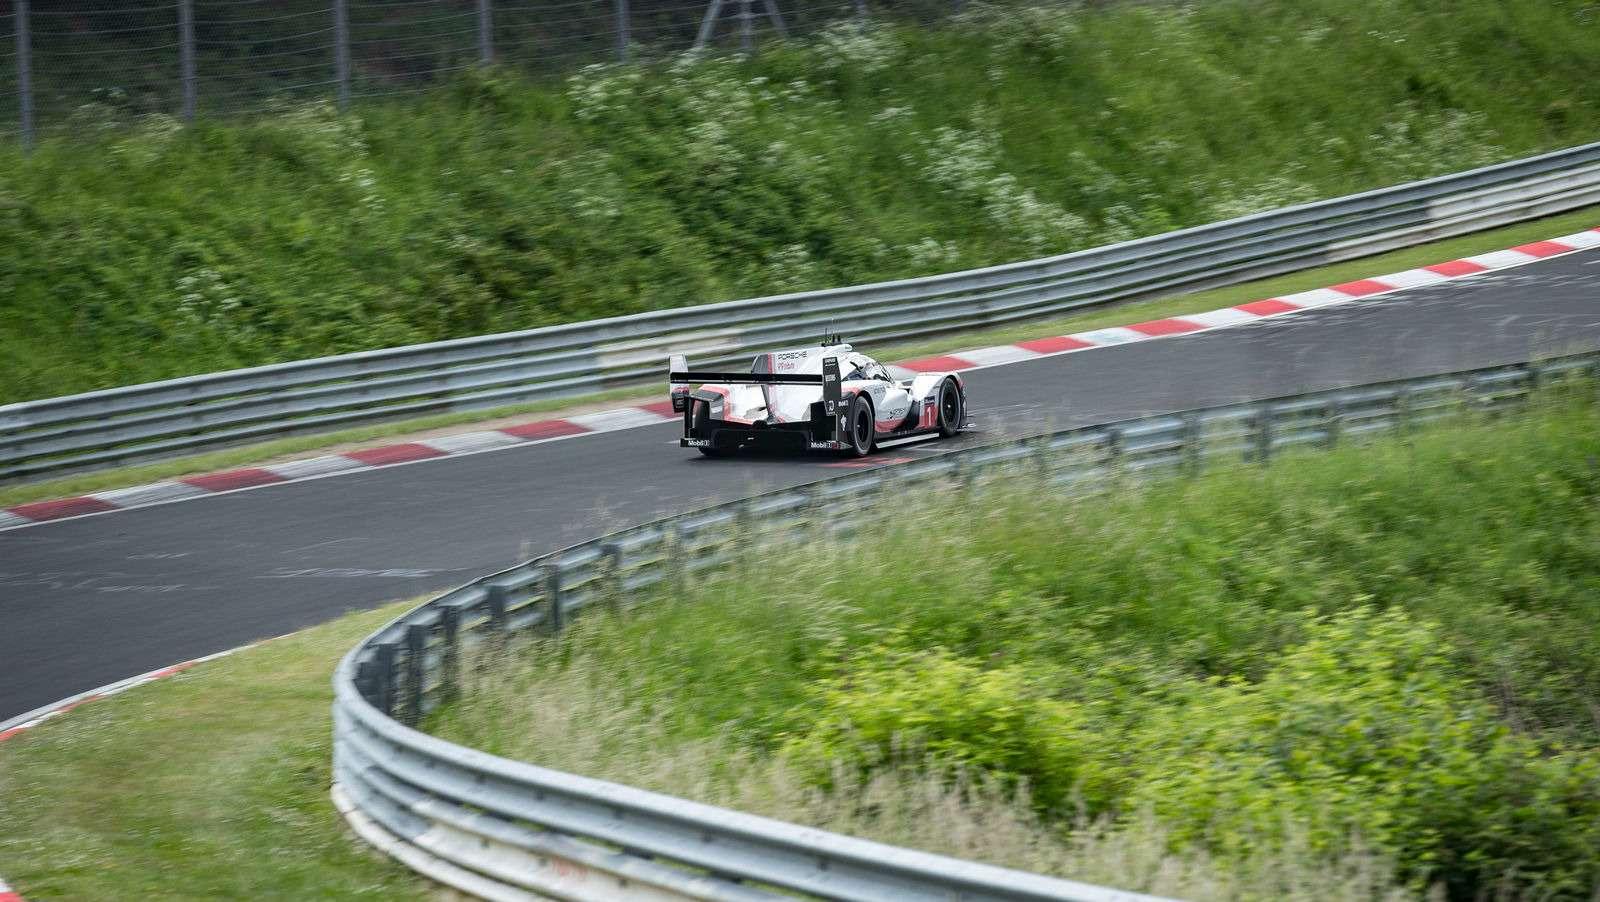 Porsche установила новый абсолютный рекорд Нюрбургринга!— фото 882811